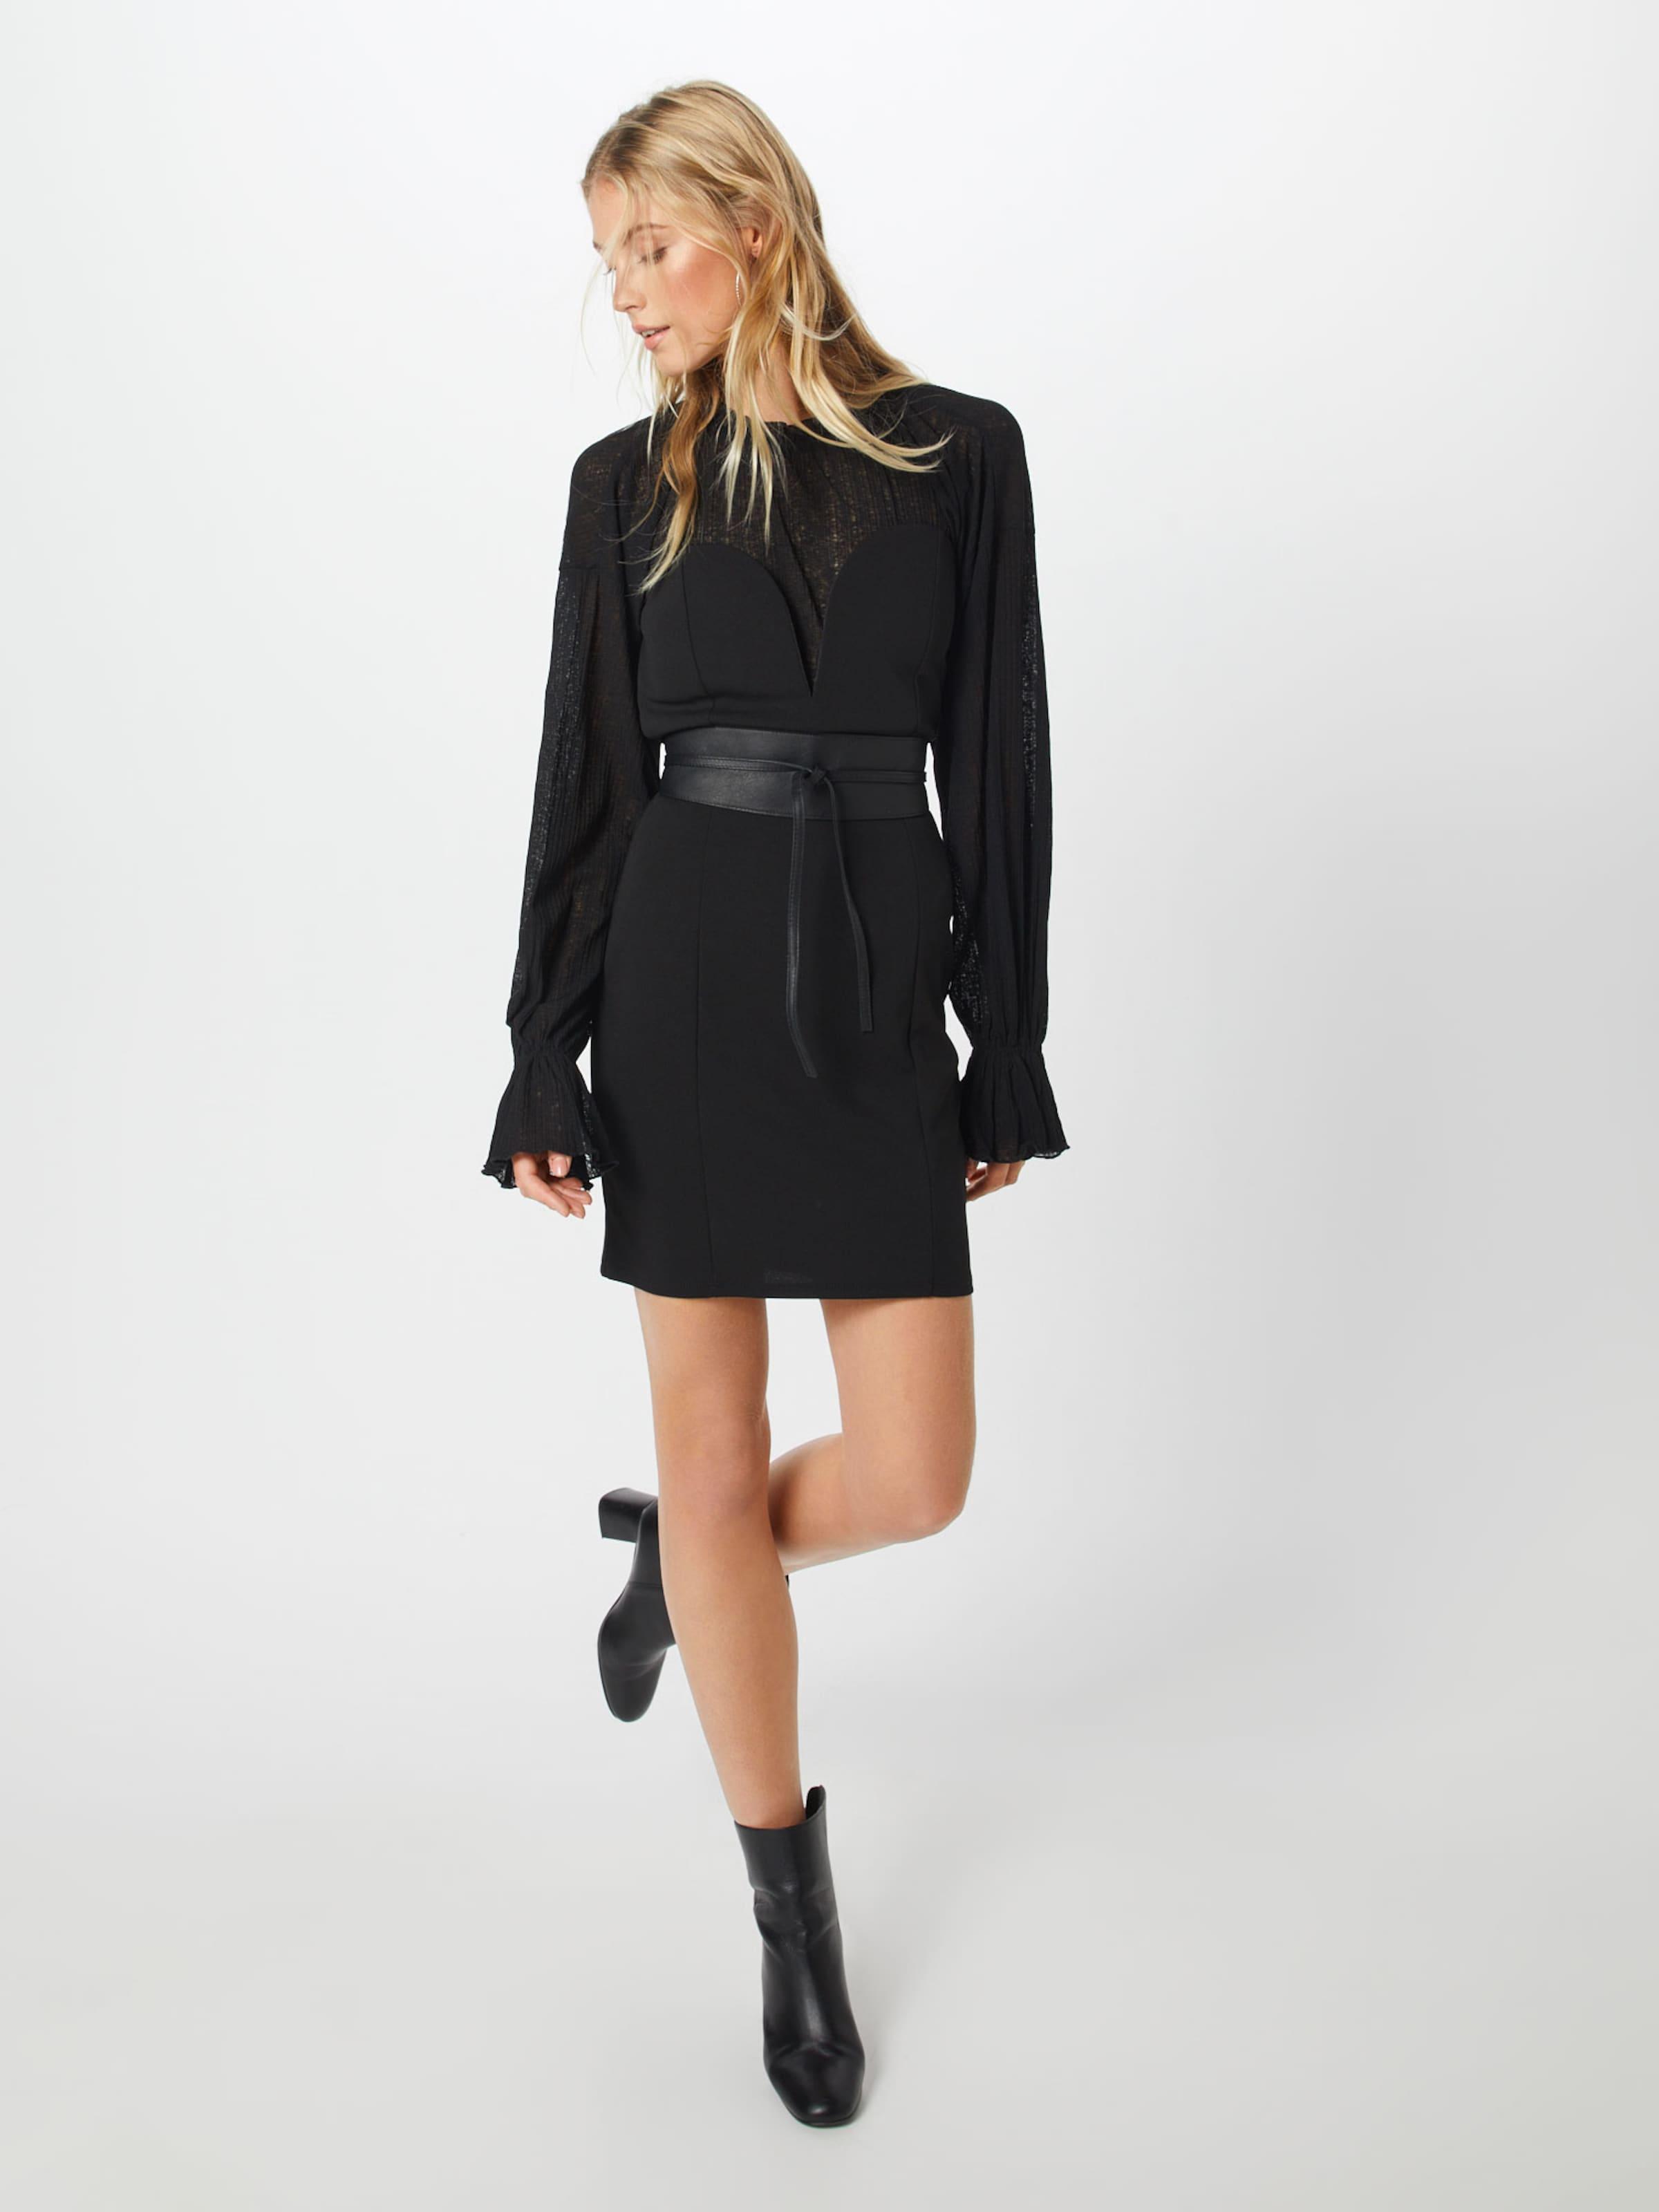 In Kleid In Boohoo In Kleid 'strapless' Boohoo Schwarz Boohoo Kleid 'strapless' Schwarz 'strapless' vm0wN8n